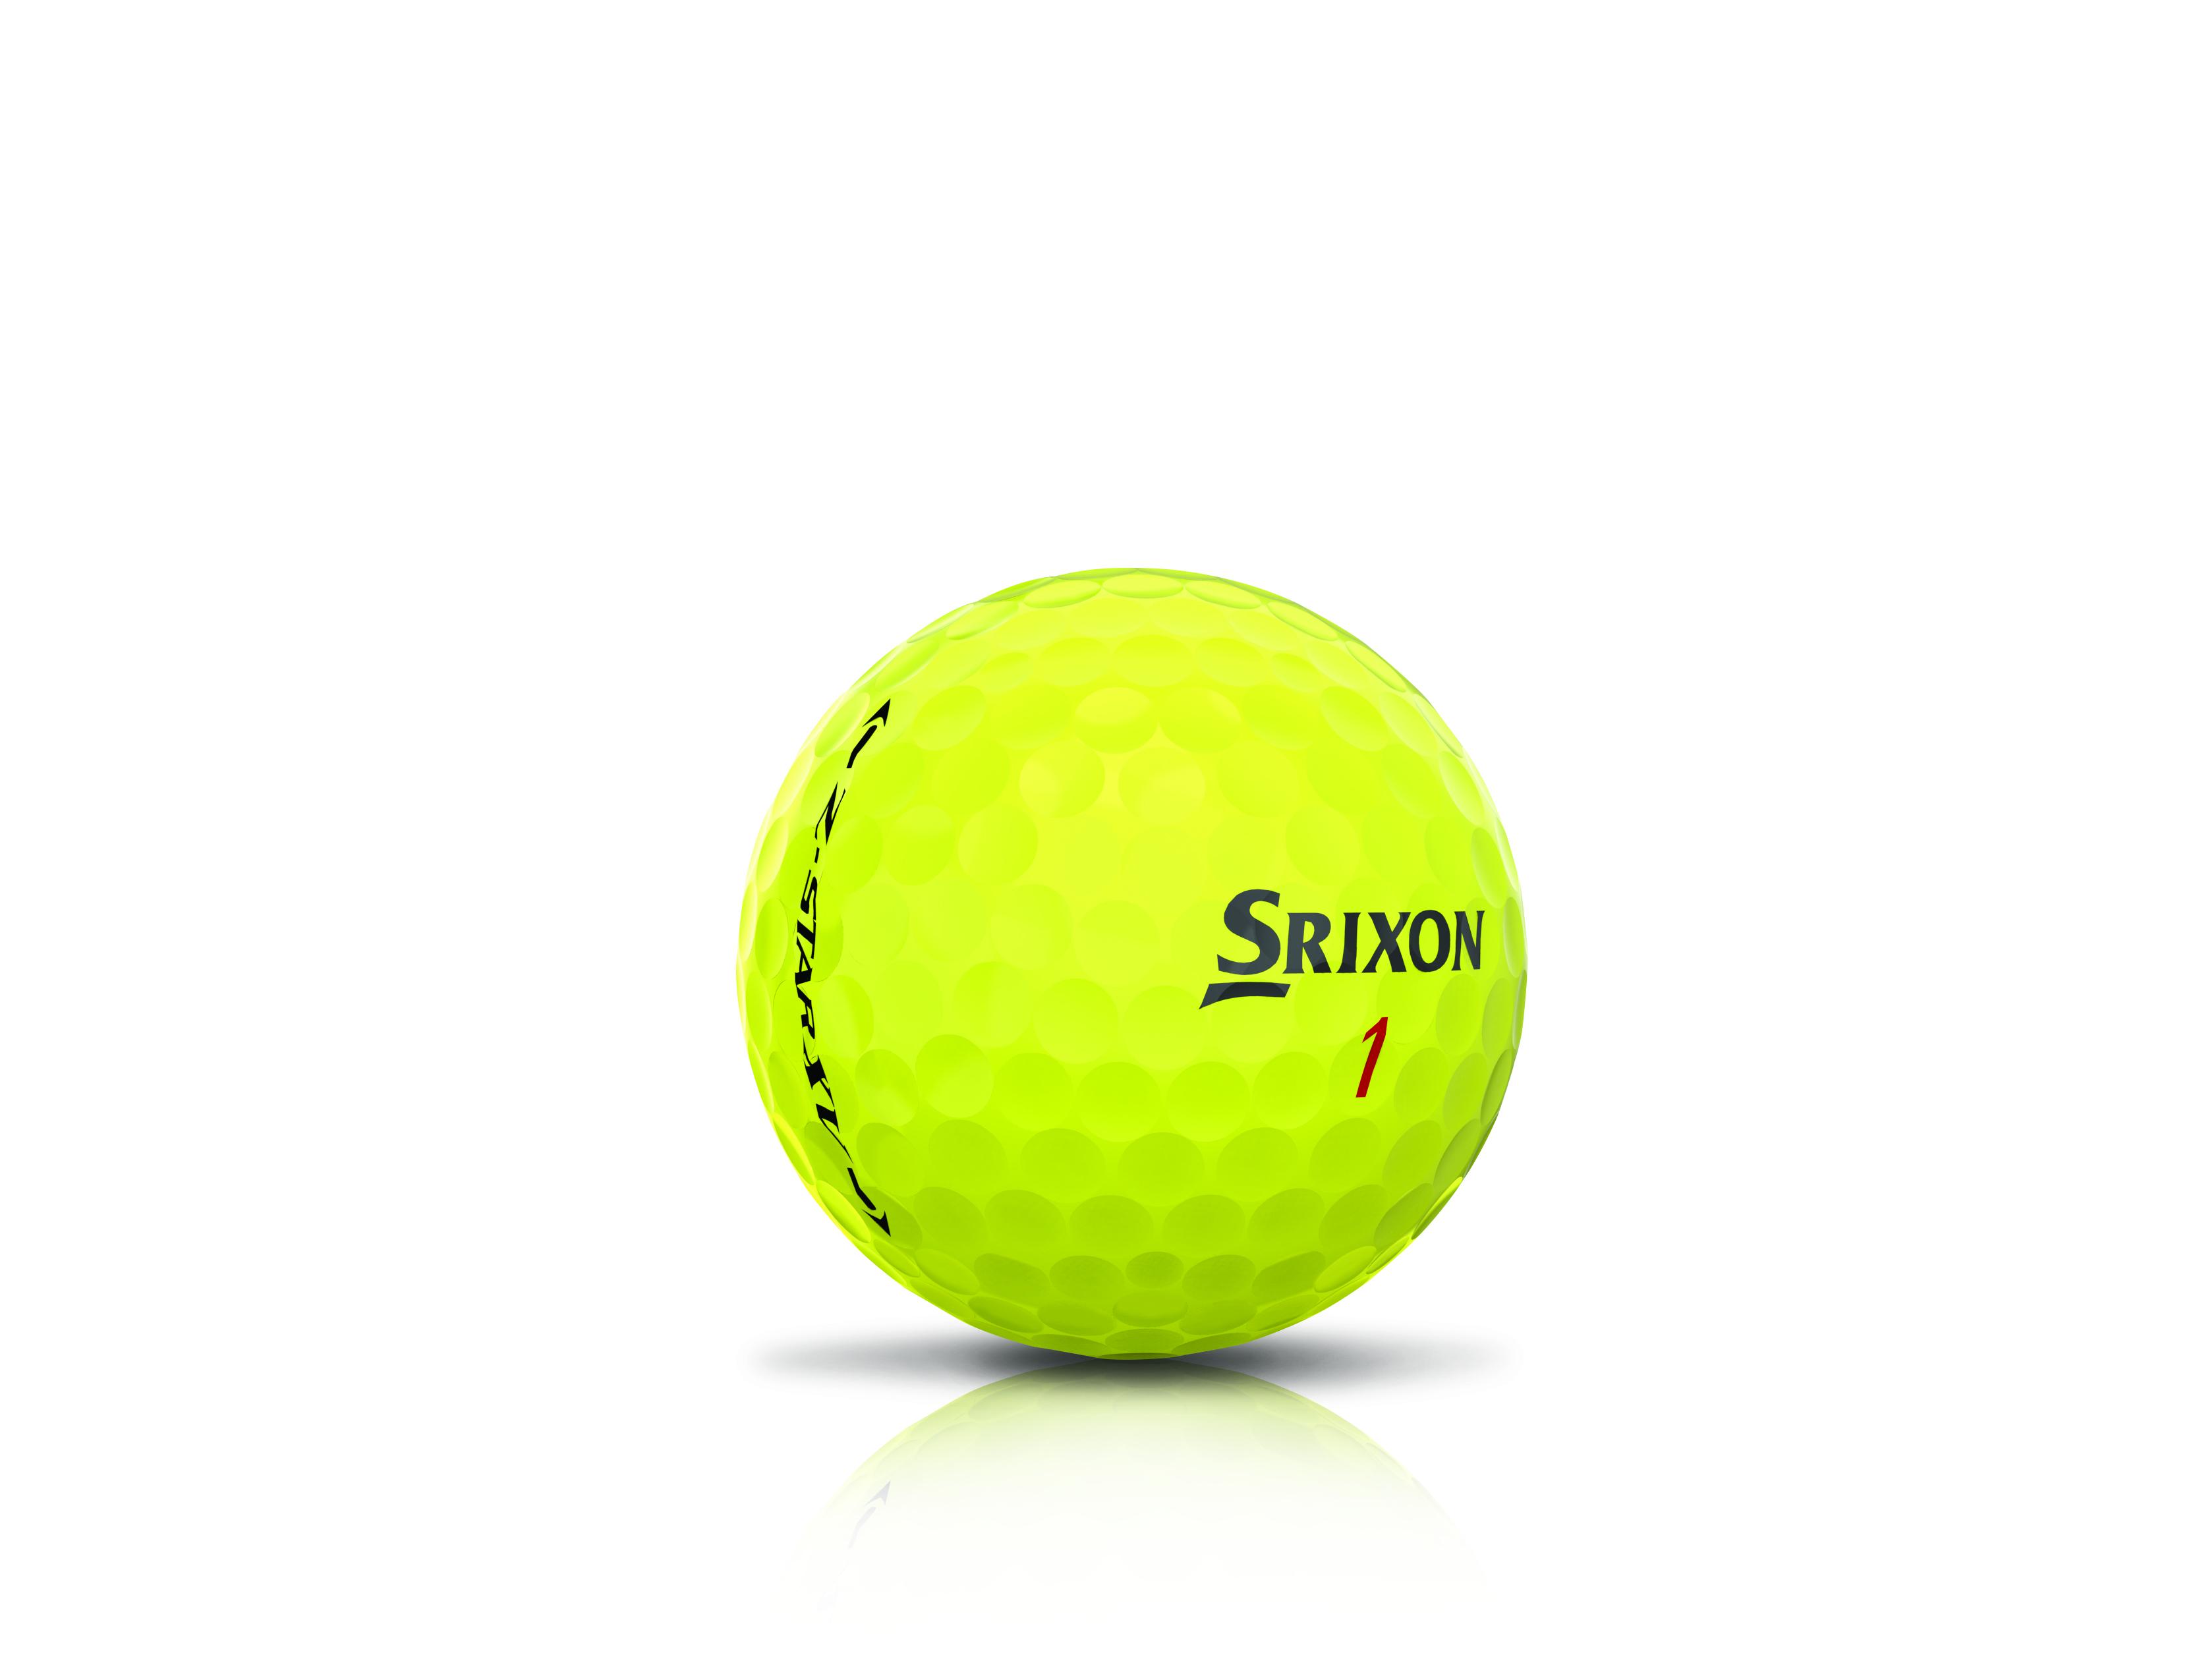 srixon golf ball 2017 golfmagic